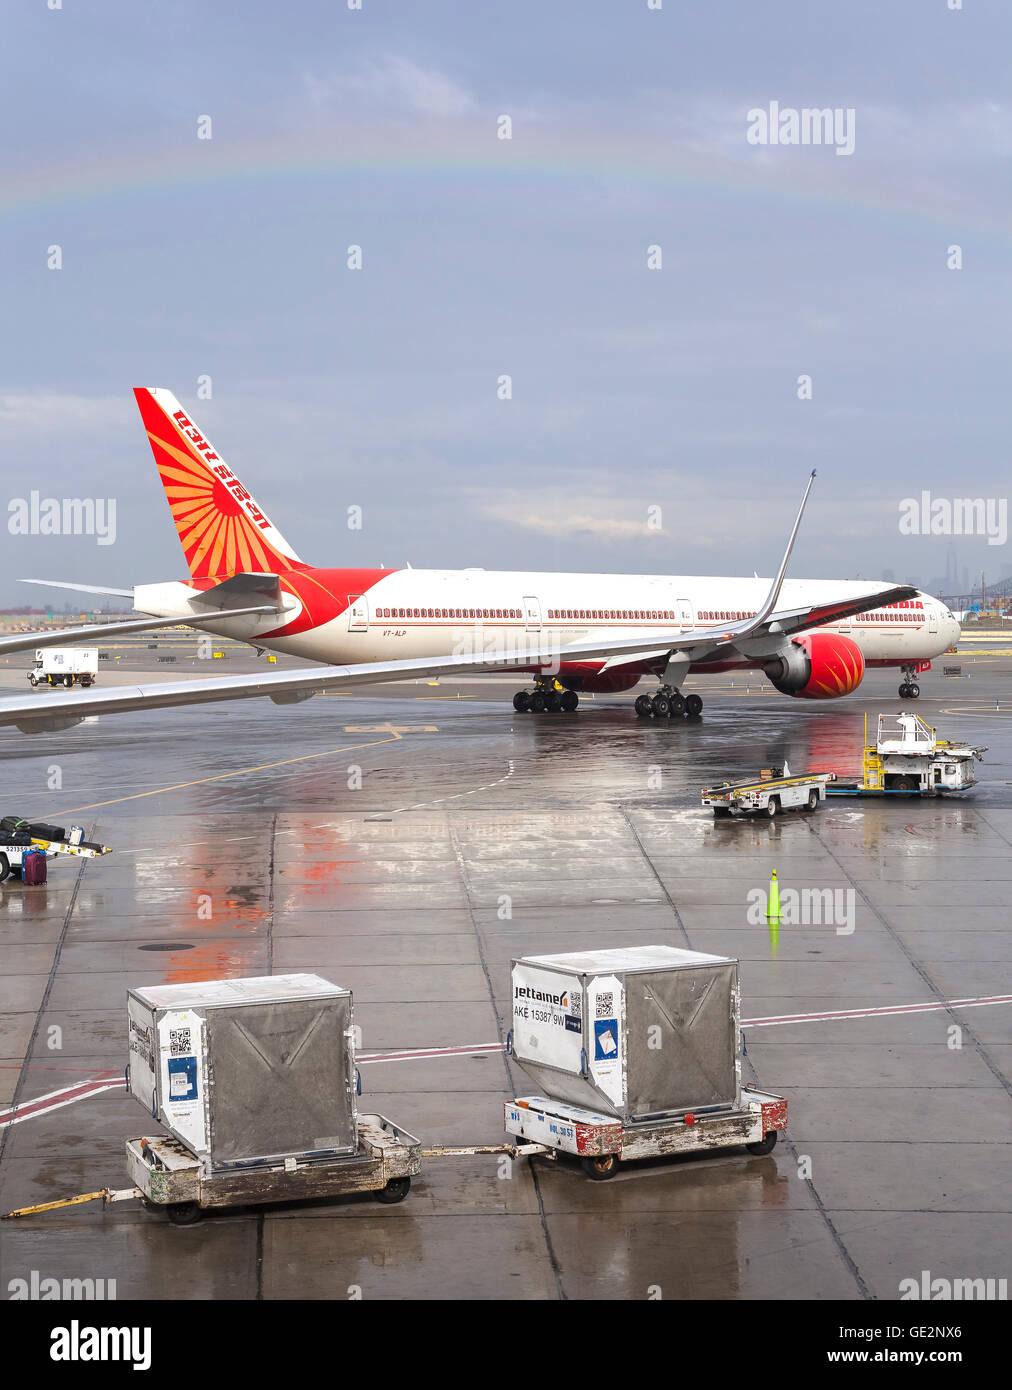 Aeroporto Ewr : Arco Íris sobre a air Índia avião no aeroporto internacional